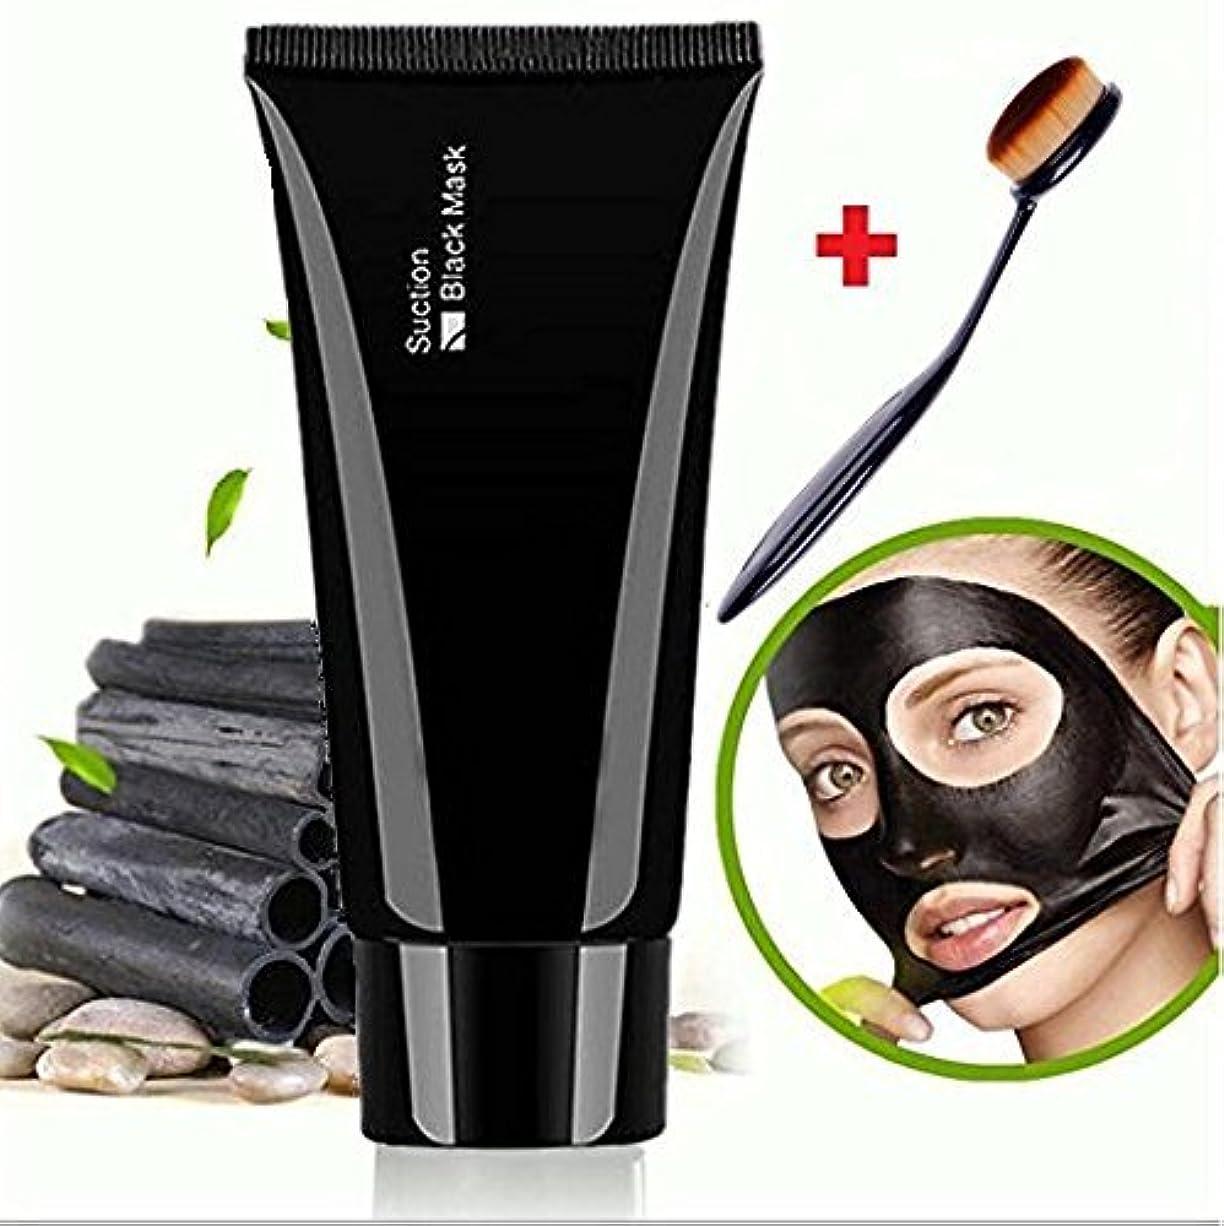 名義で選挙蛾Facial Mask Black, Face Apeel Cleansing Mask Deep Cleanser Blackhead Acne Remover Peel off Mask + Oval Brush